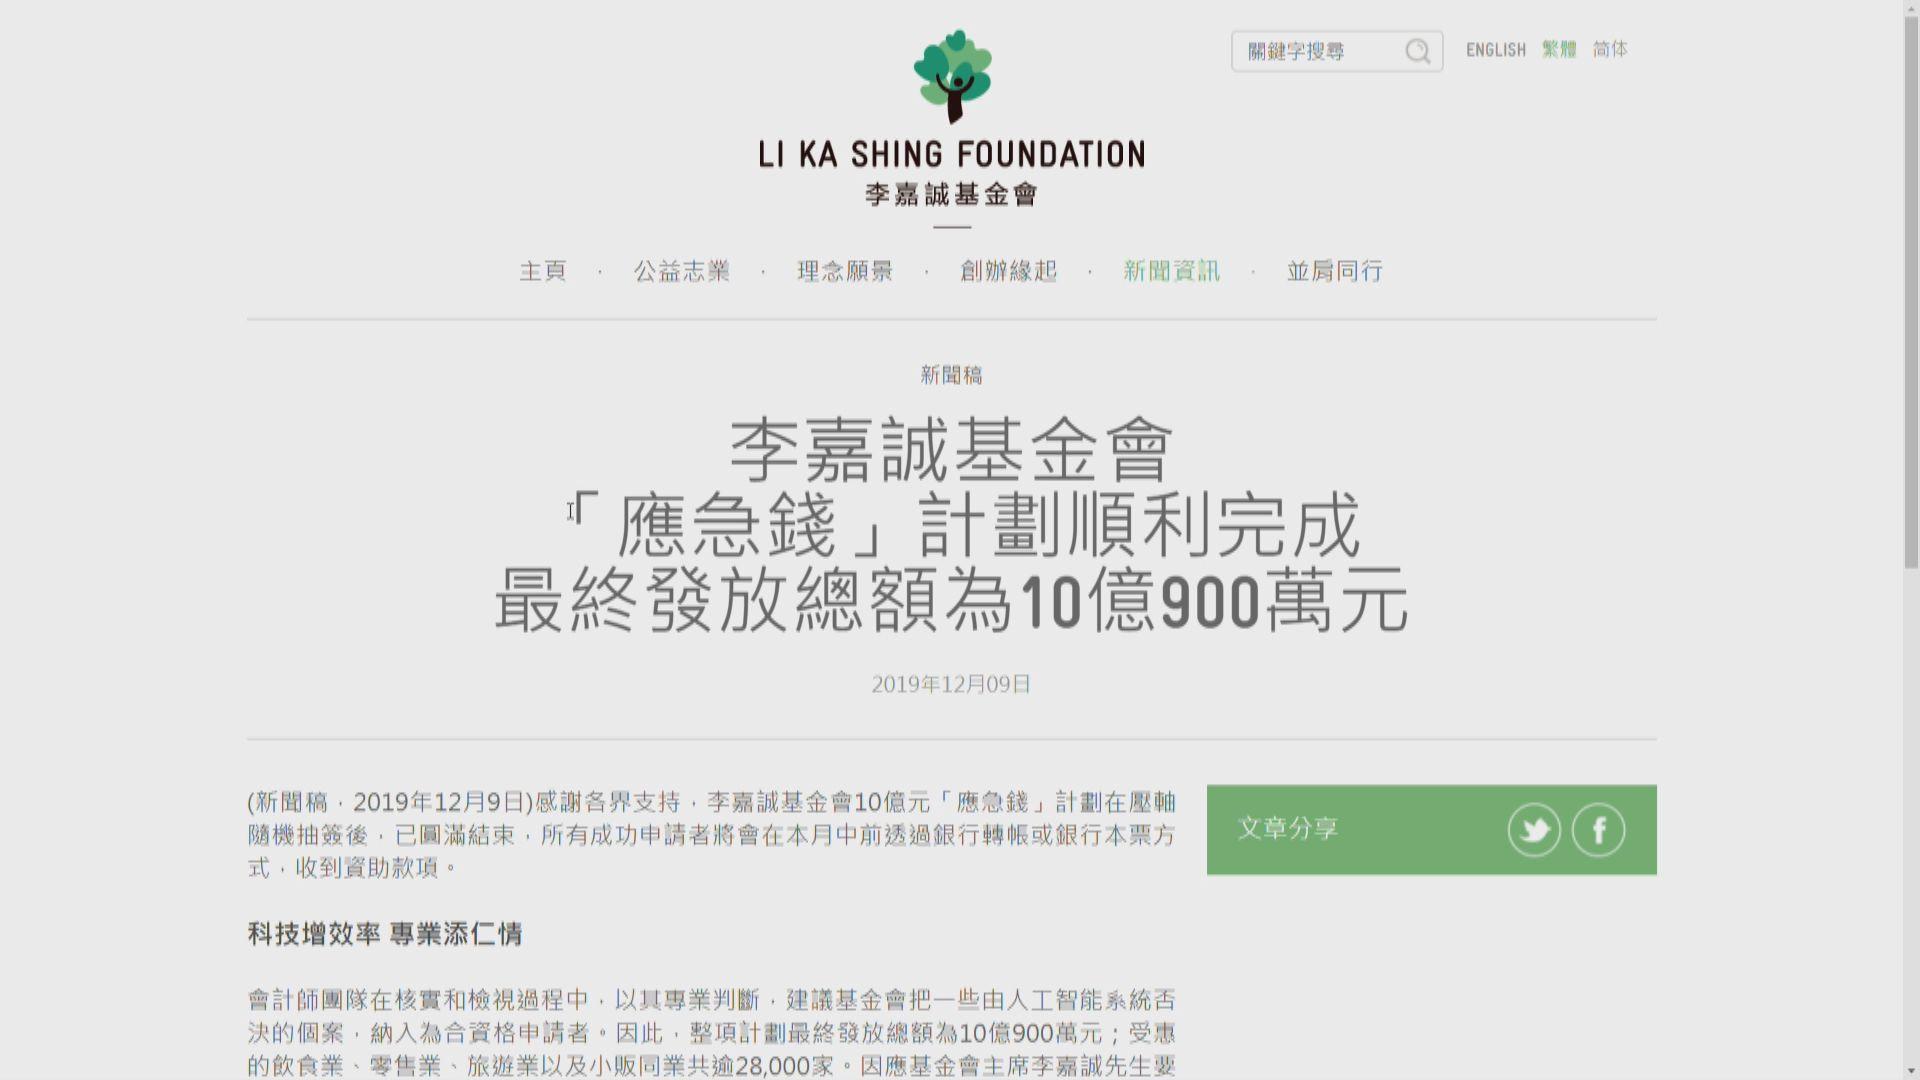 【超額完成】「應急錢」共發放10.09億元 逾2.8萬企業受惠